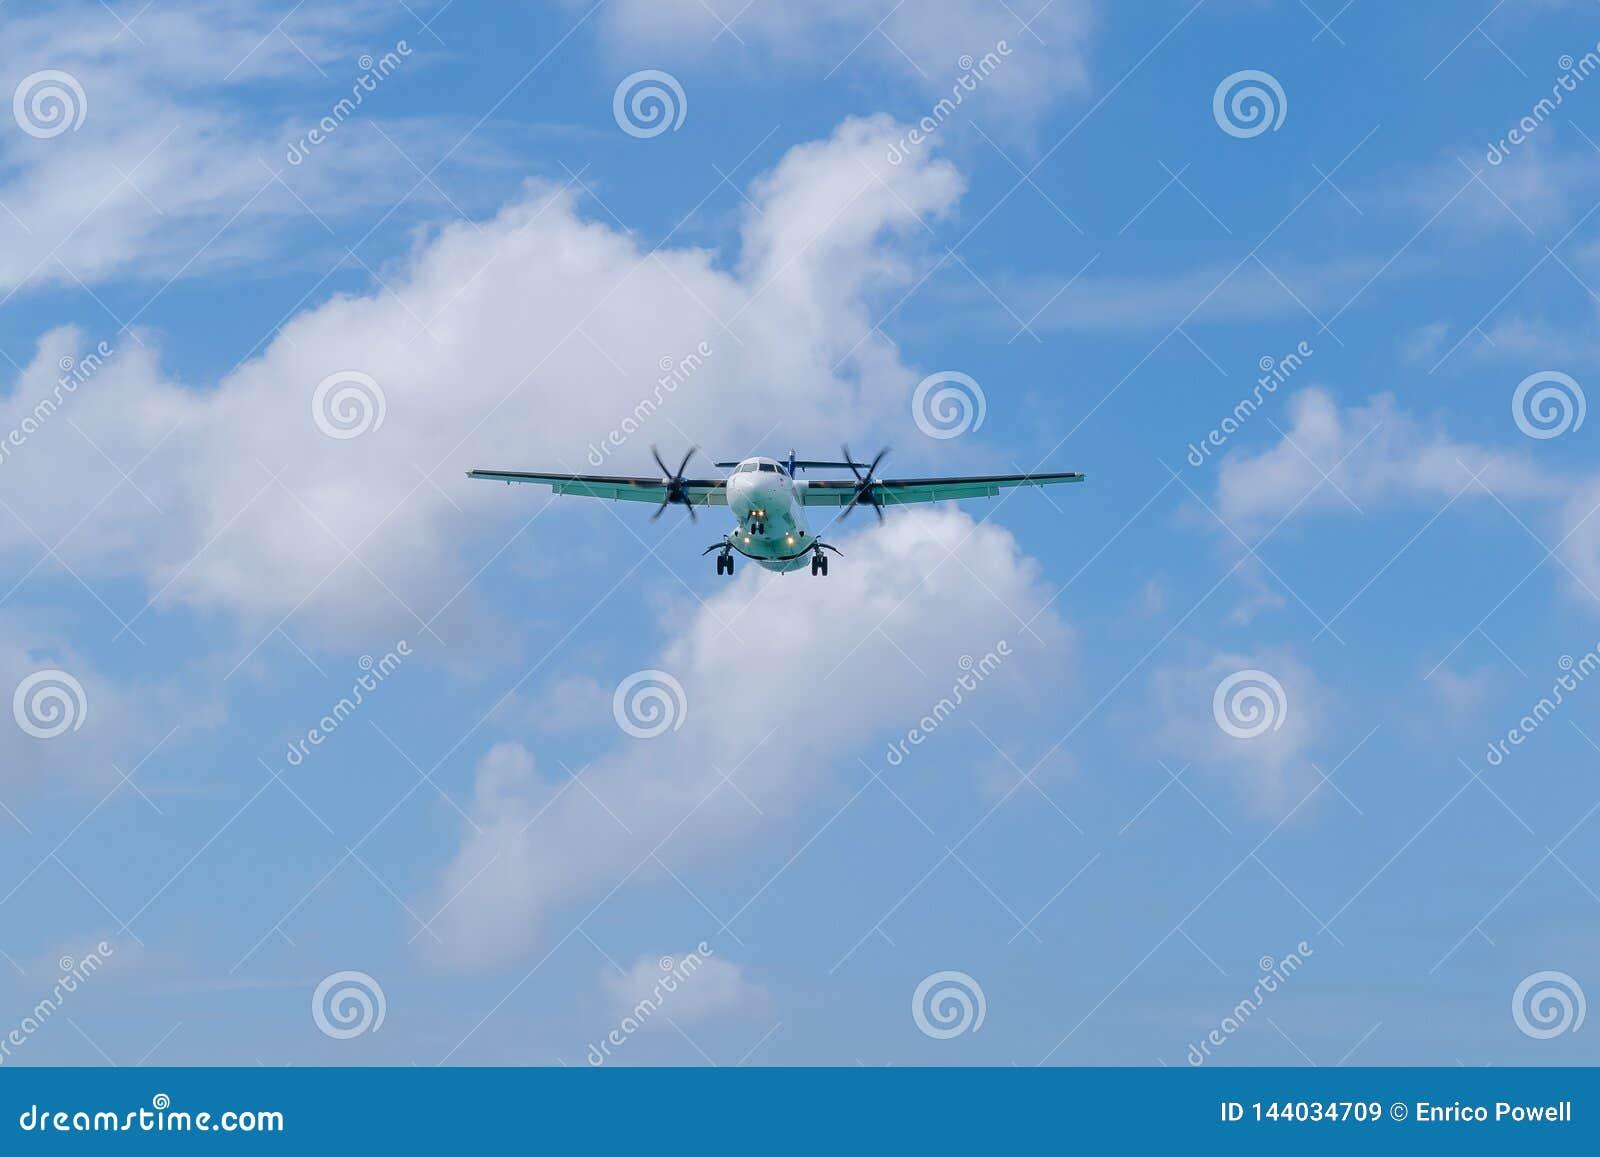 Turbośmigłowy zasilany samolot z kołami zestrzela narządzanie lądować